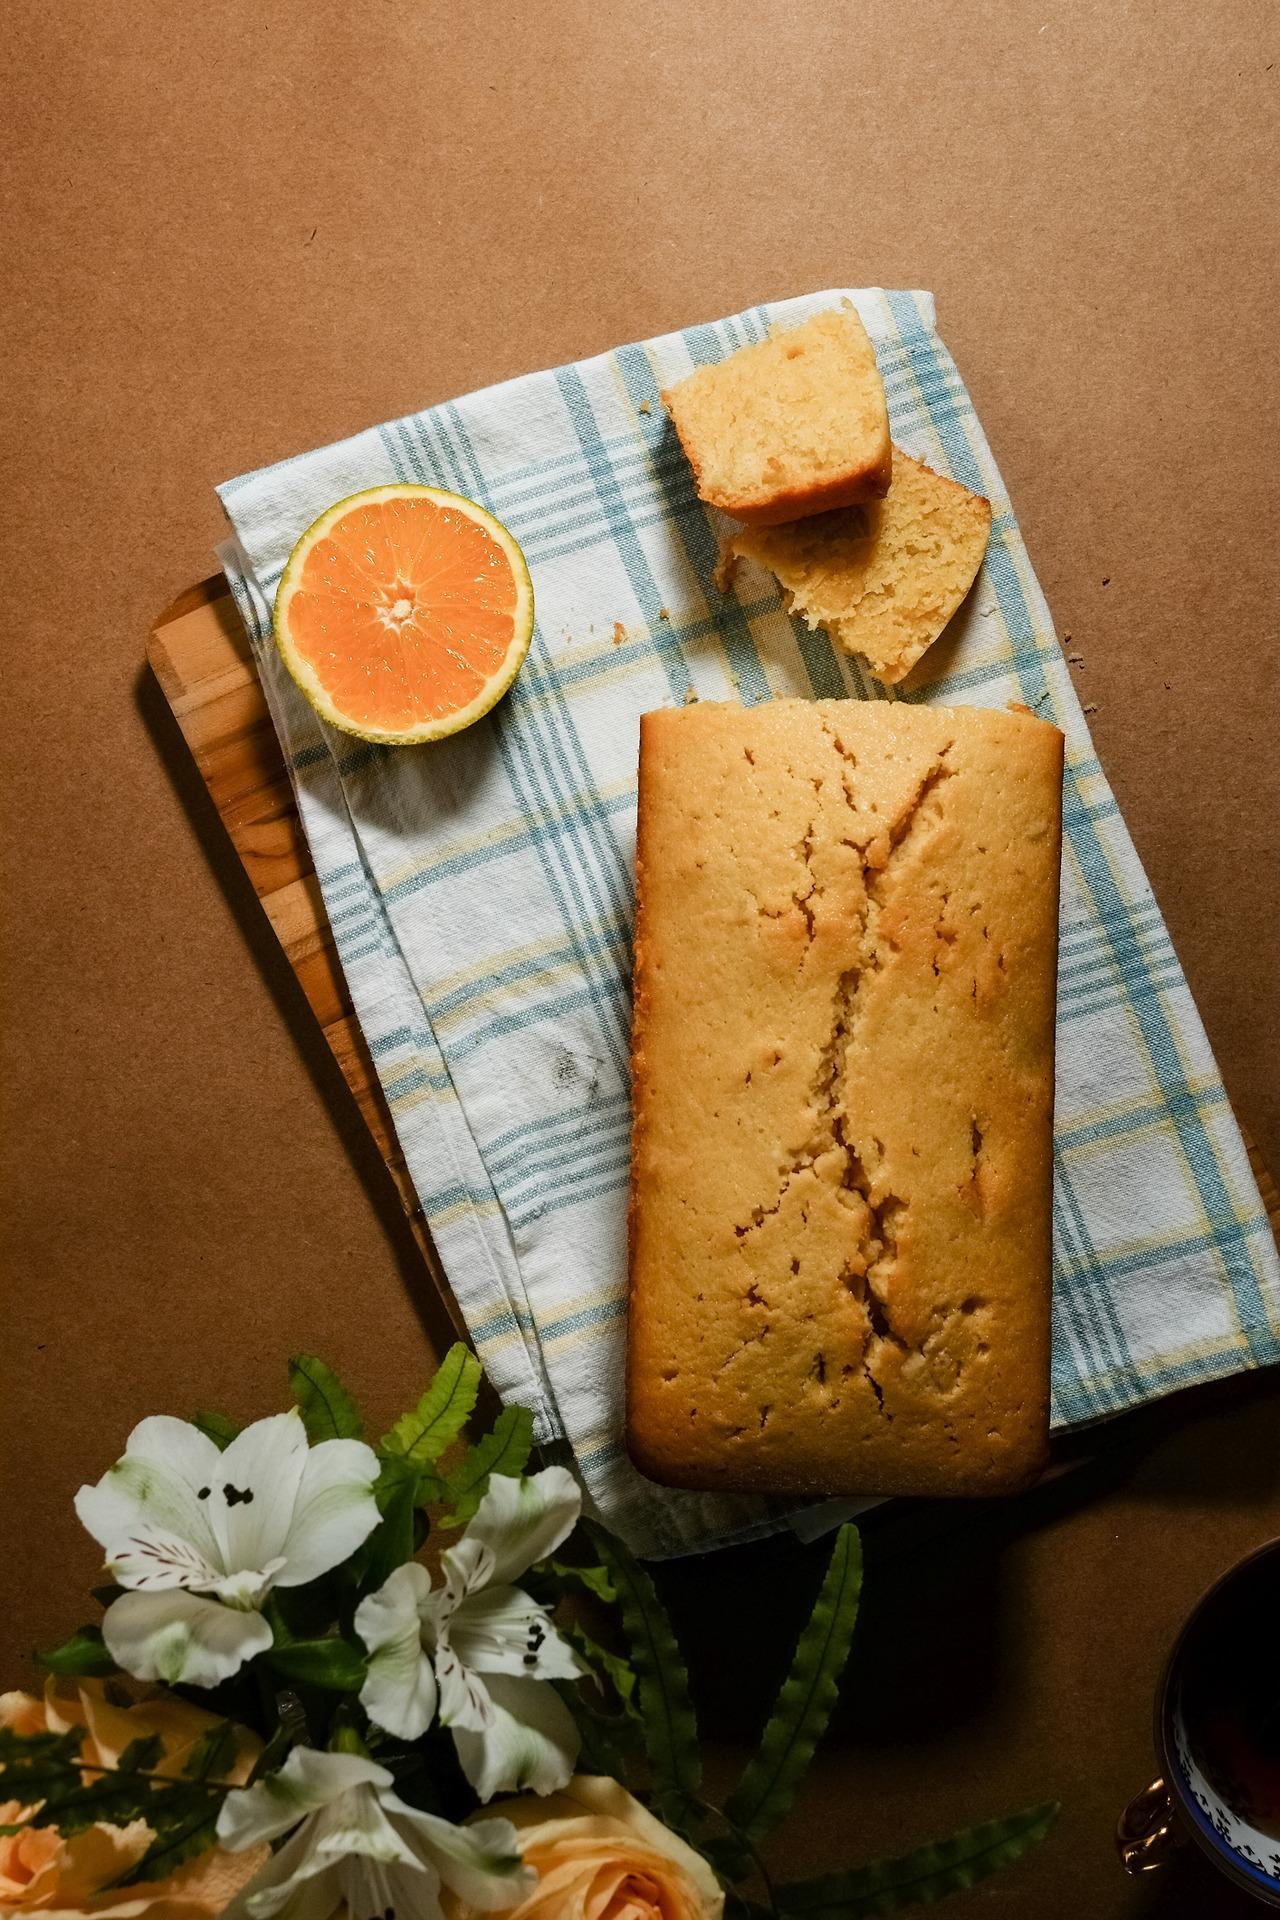 Mugs, Flowers & Orange Cake - image 5 - student project